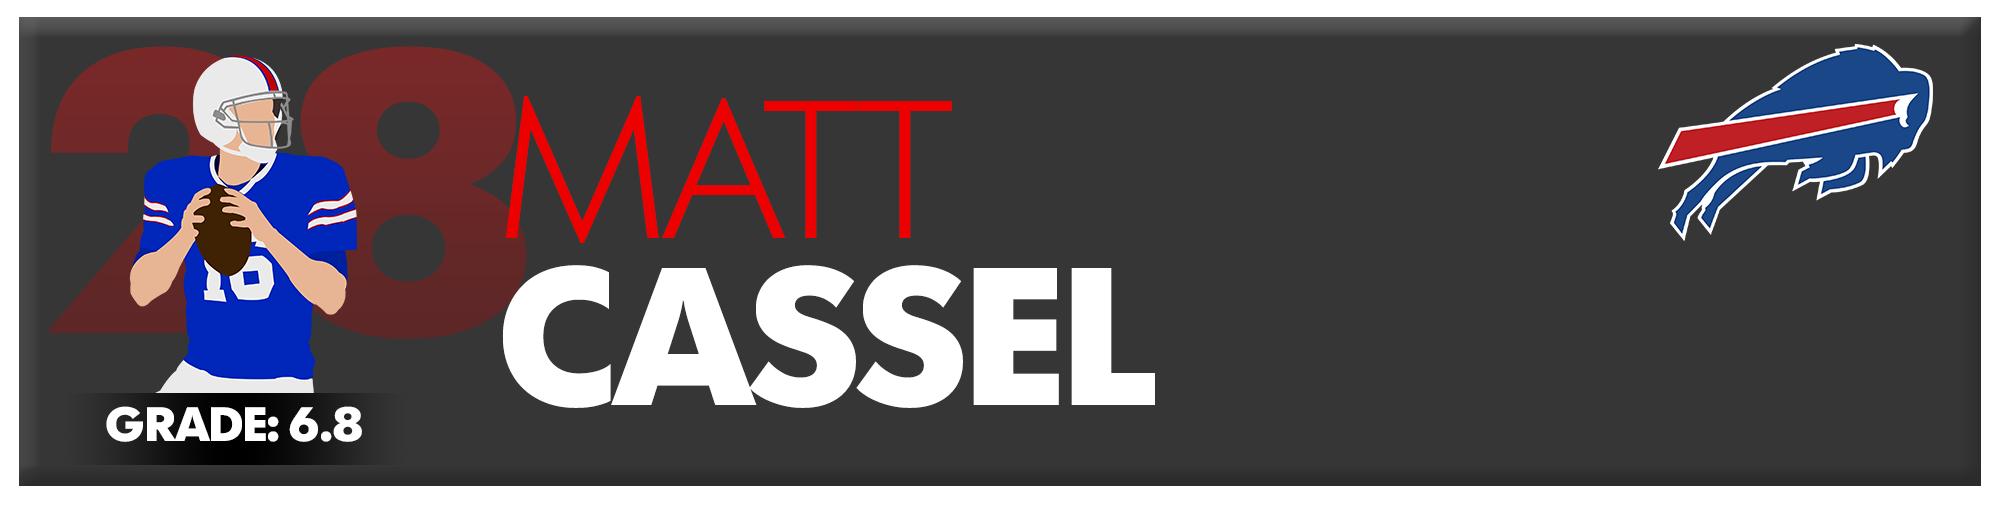 cassel_tile